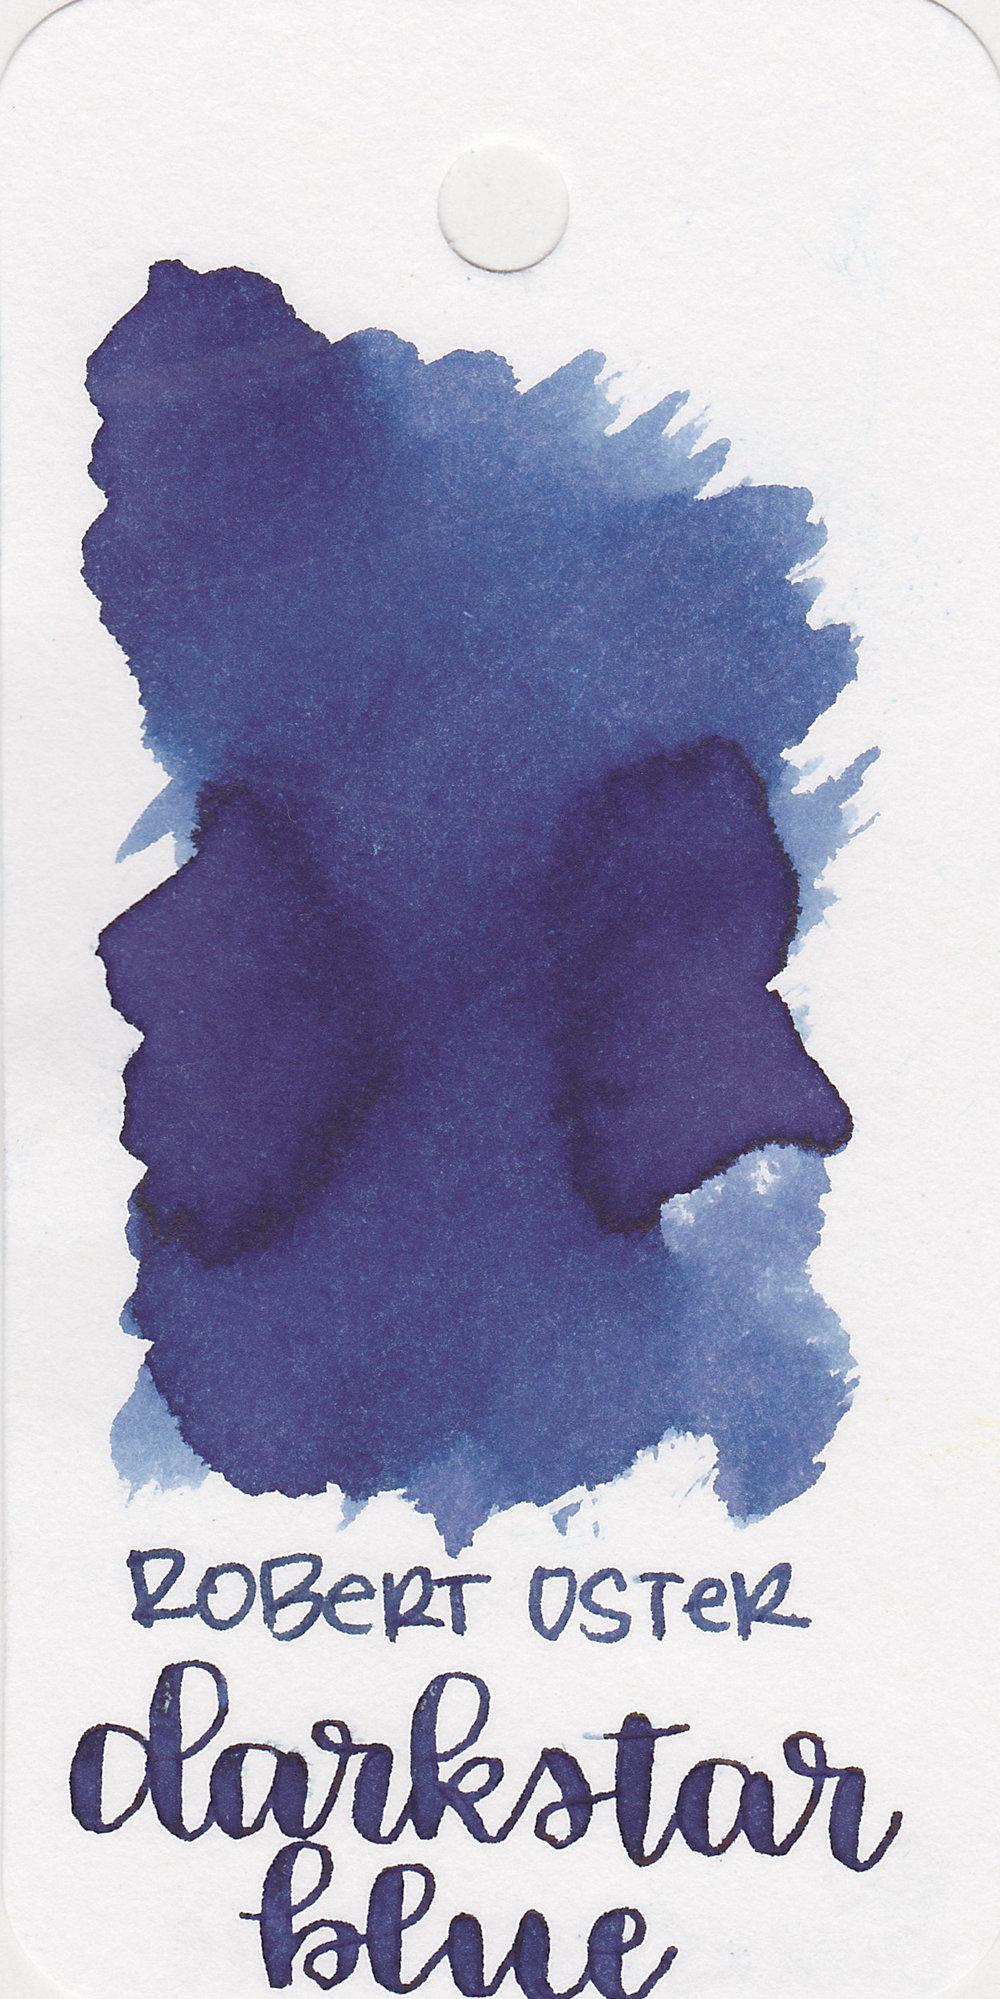 ro-darkstar-blue-1.jpg